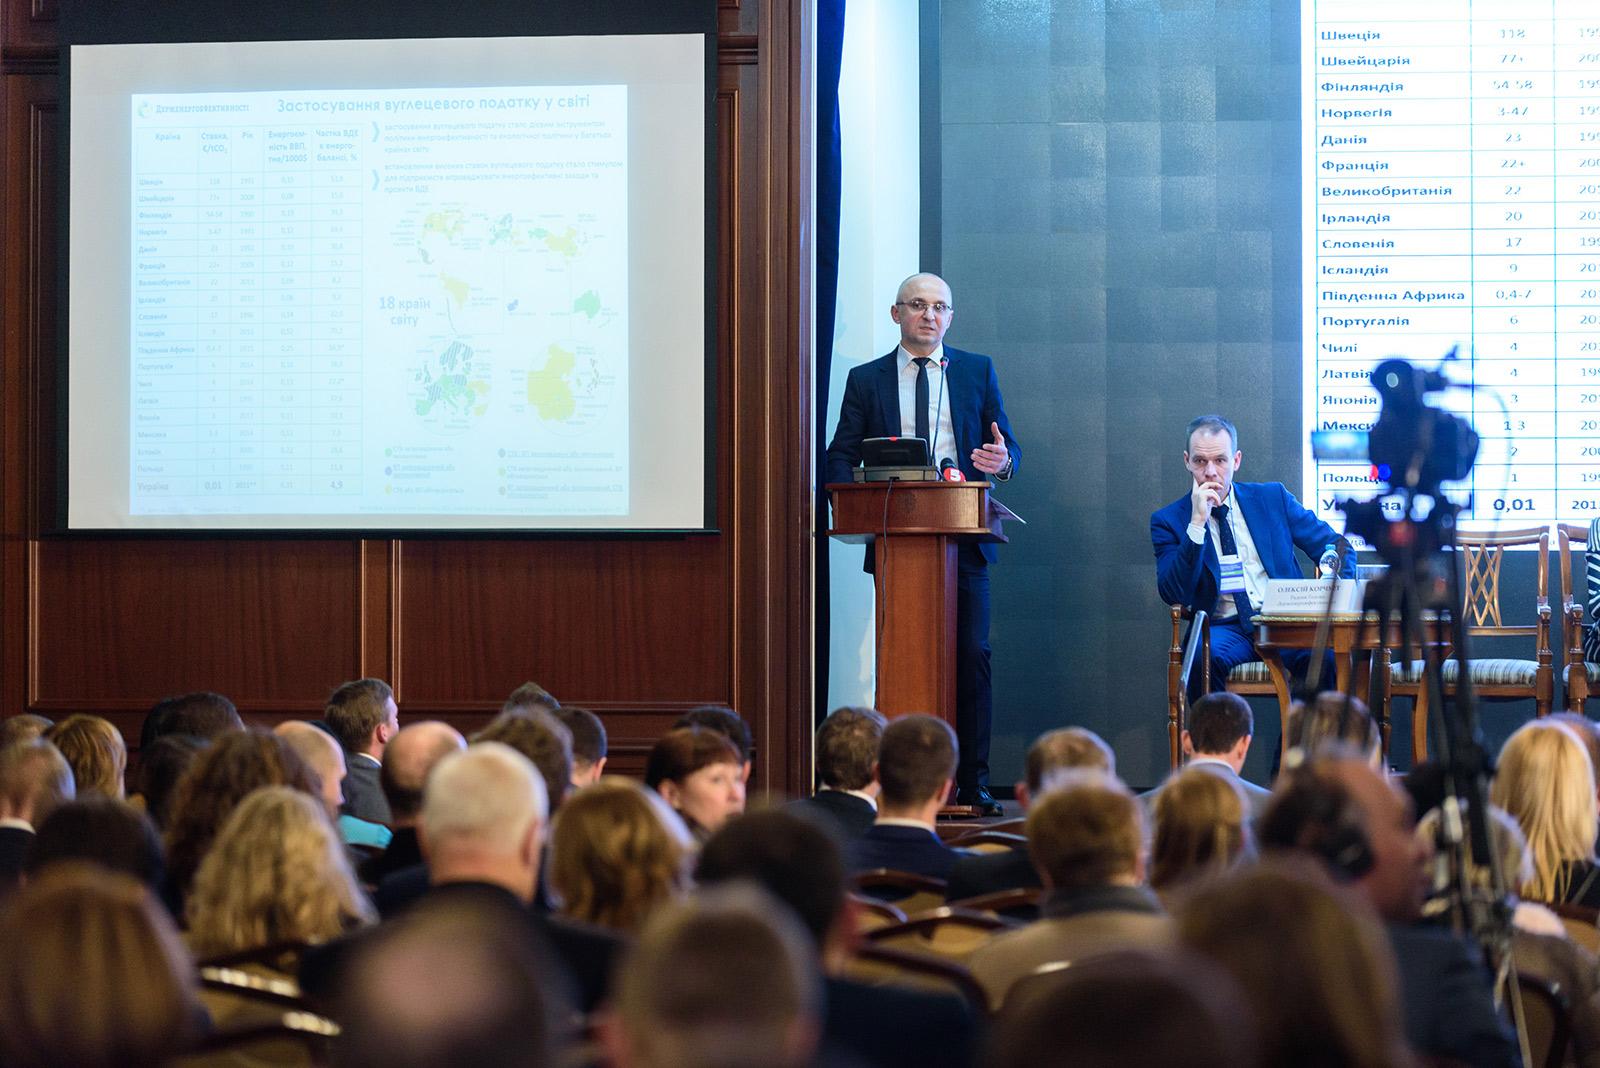 Голова Держенергоефективності Сергій Савчук презентує здобутки України в розвитку відновлюваної енергетики